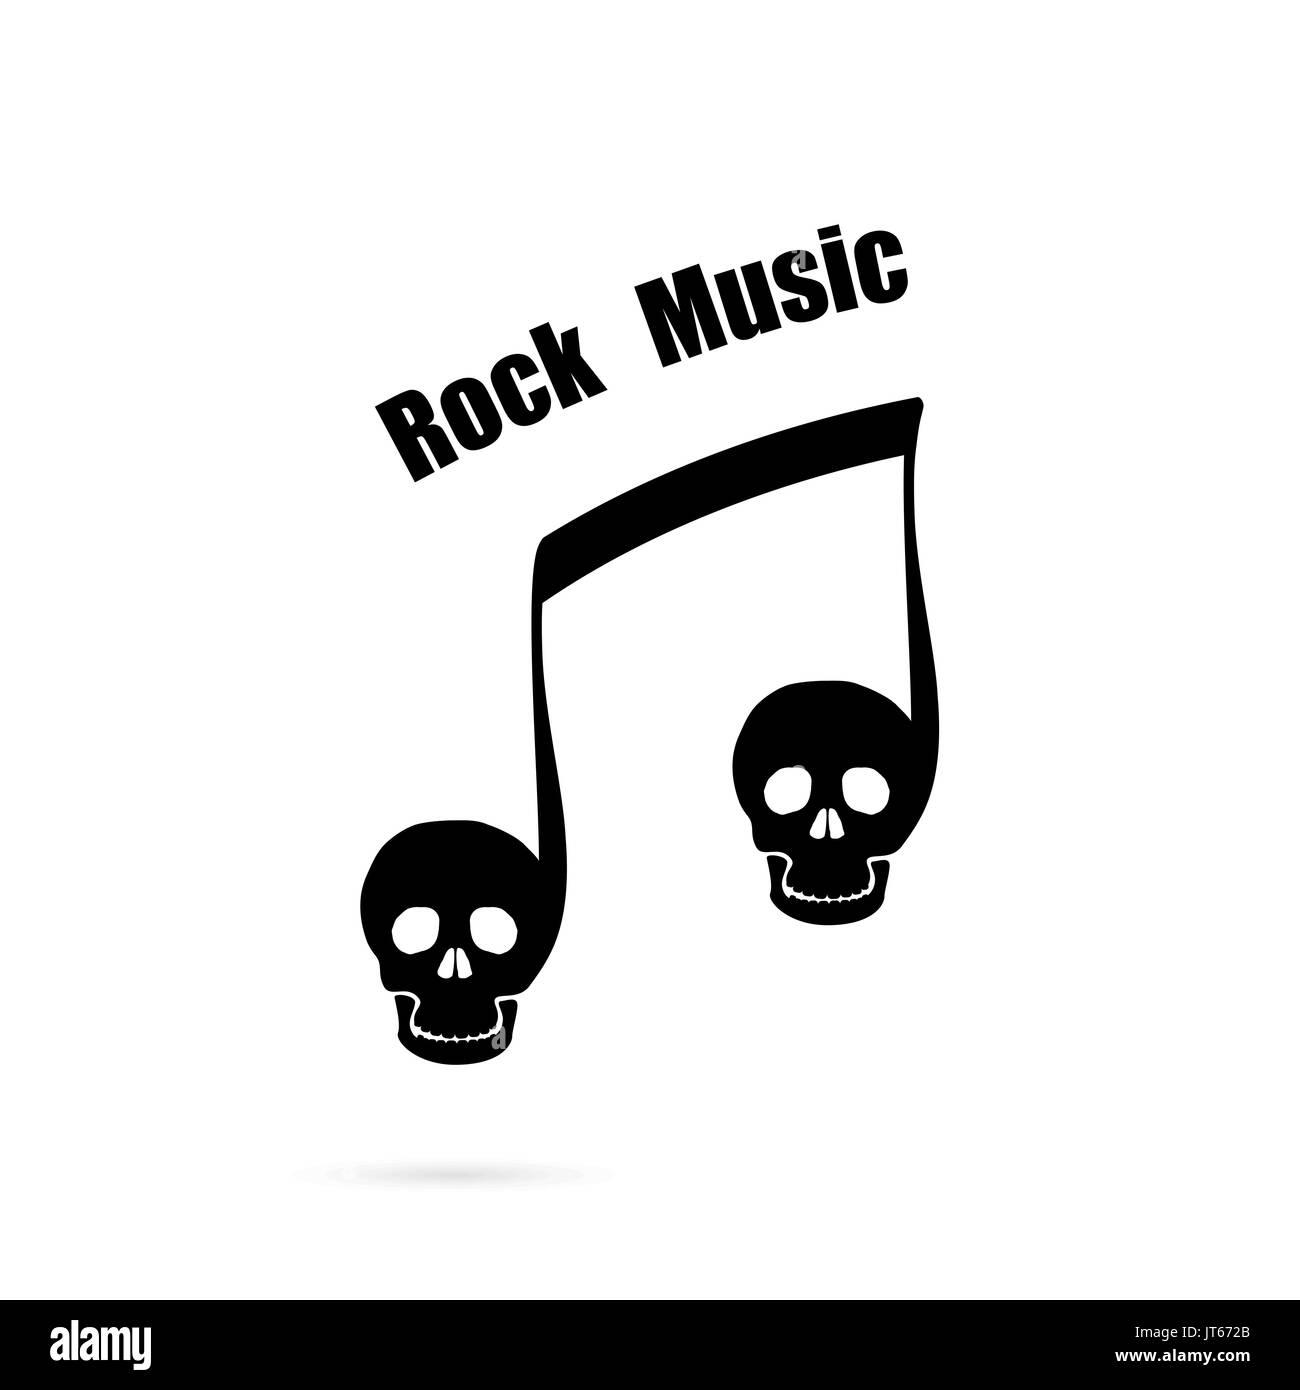 Musical Note Template   Musical Note Unterzeichnen Und Menschlicher Schadel Symbol Vektor